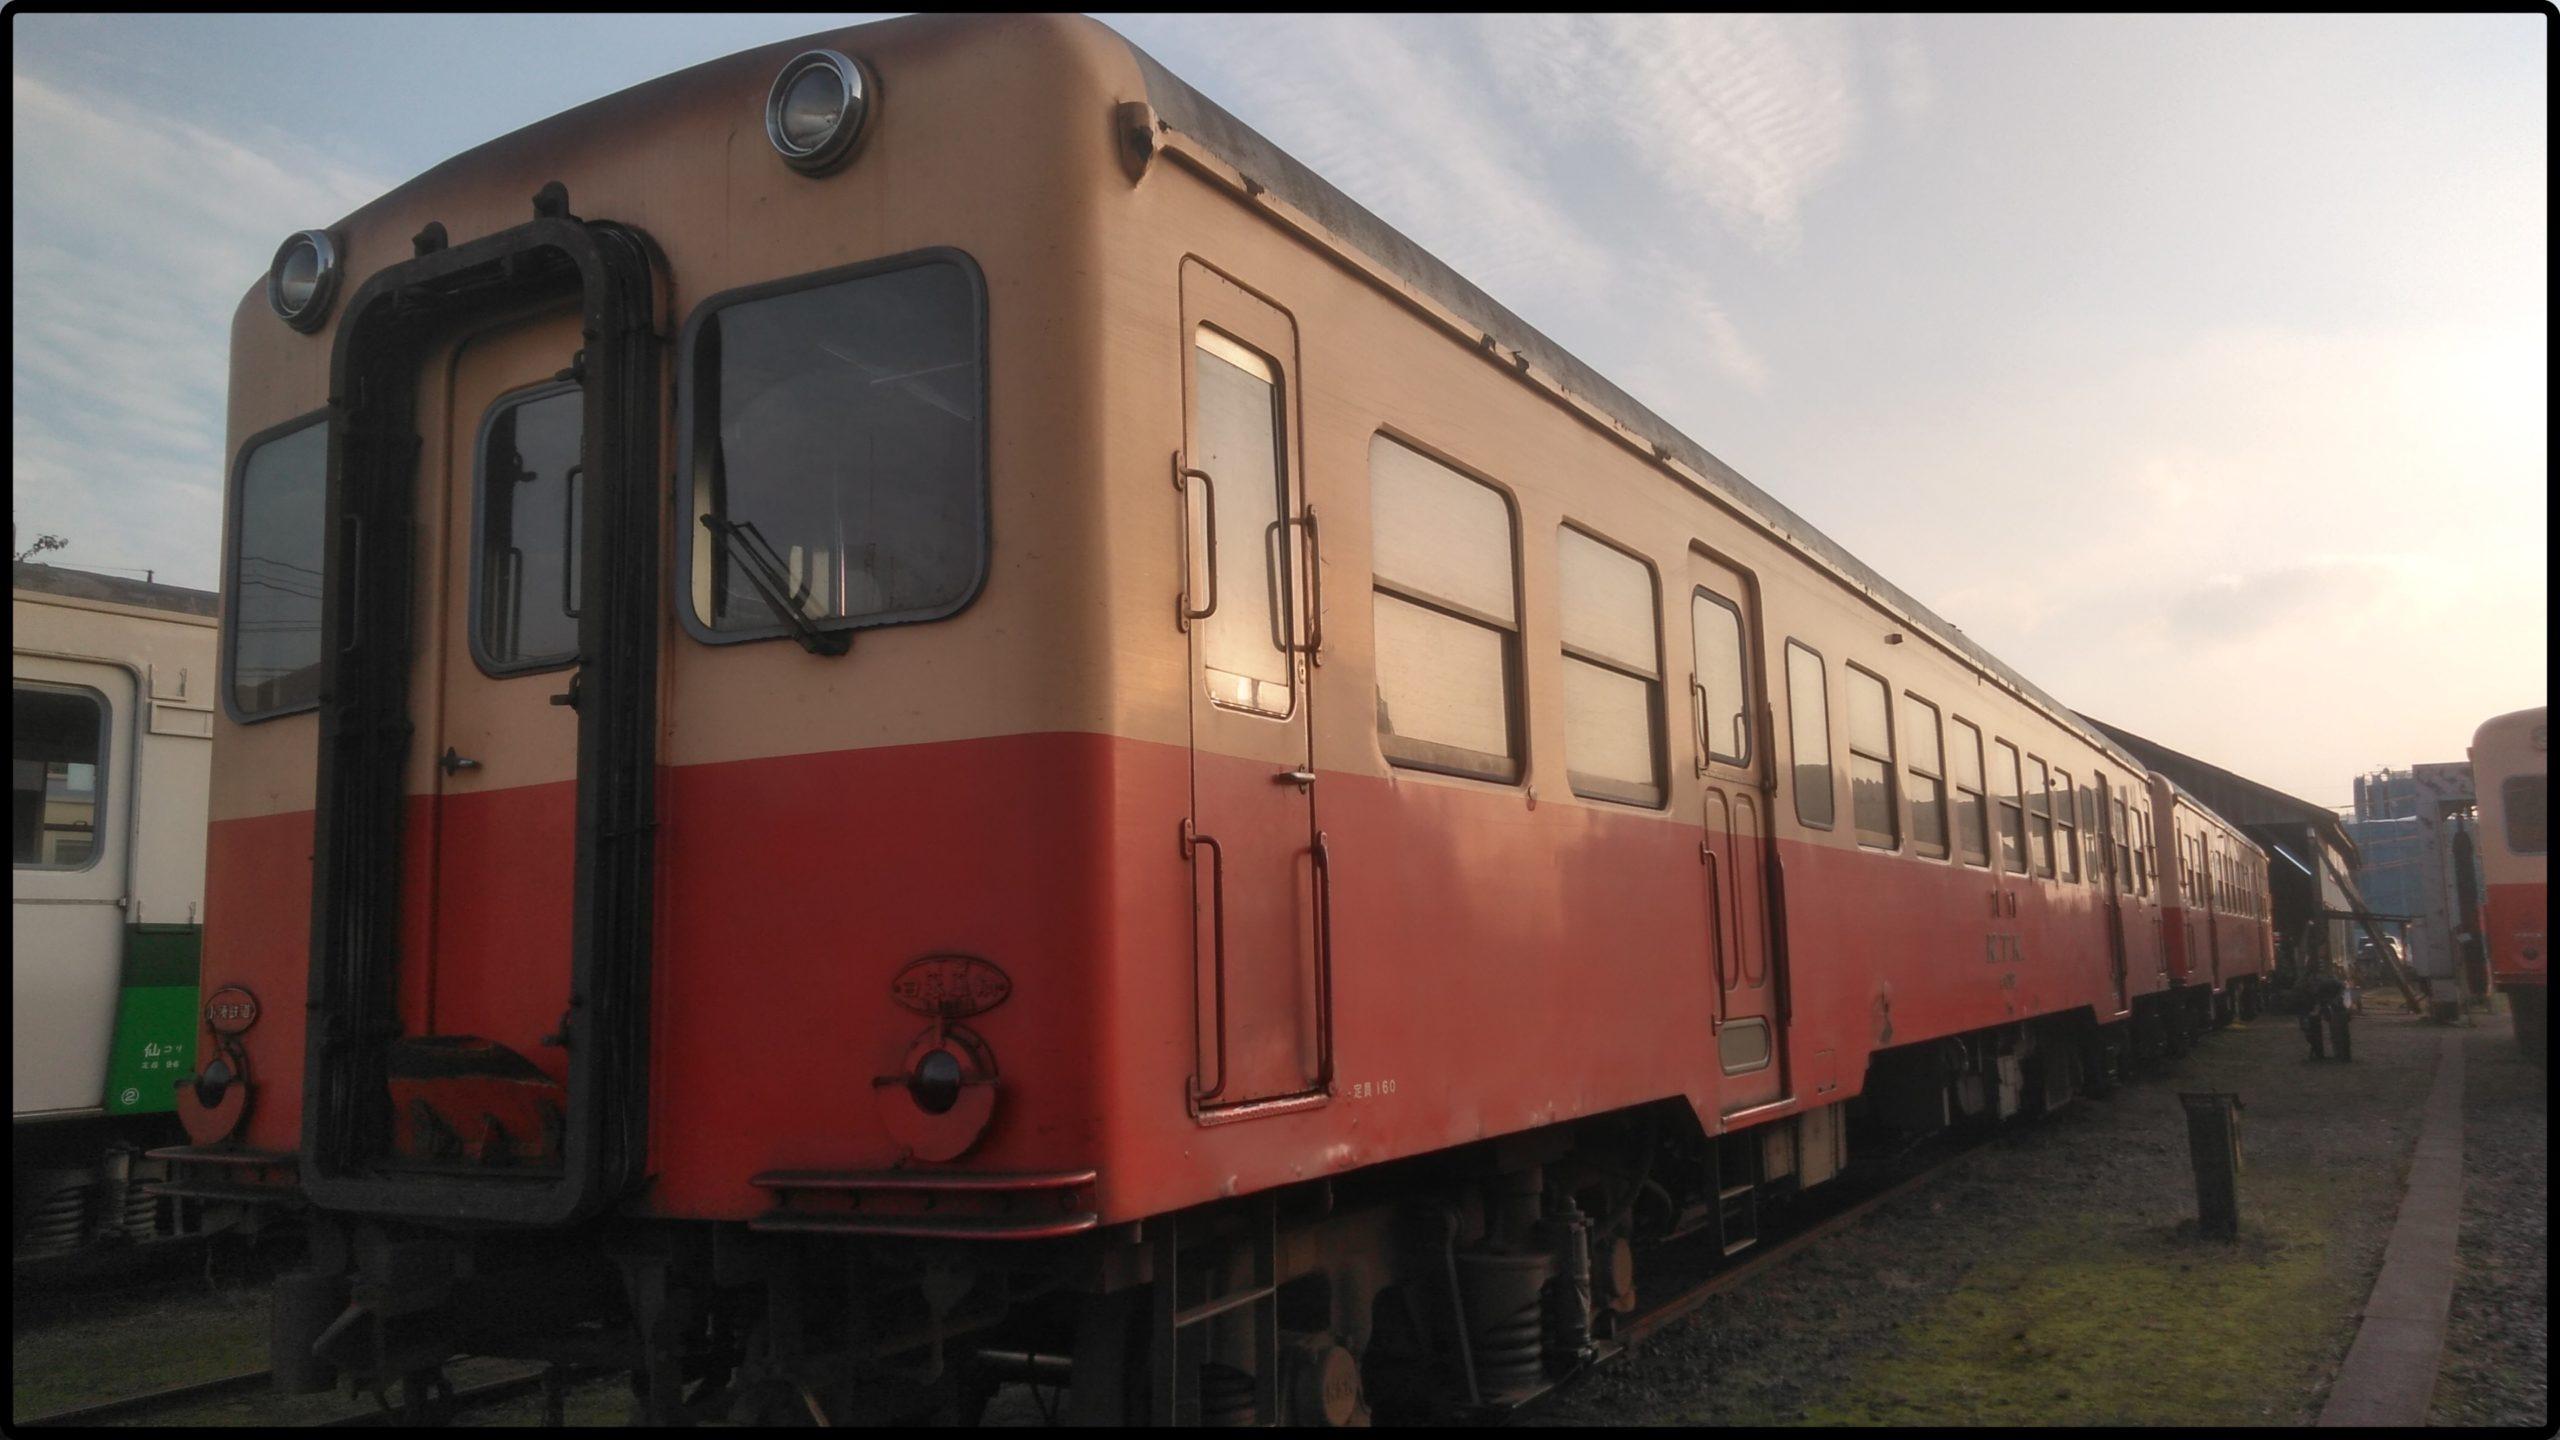 【小湊鉄道】キハ202が引退 「おつかれさま202」が実施 ラストランを前に貸し切りツアー(10月10日実施)